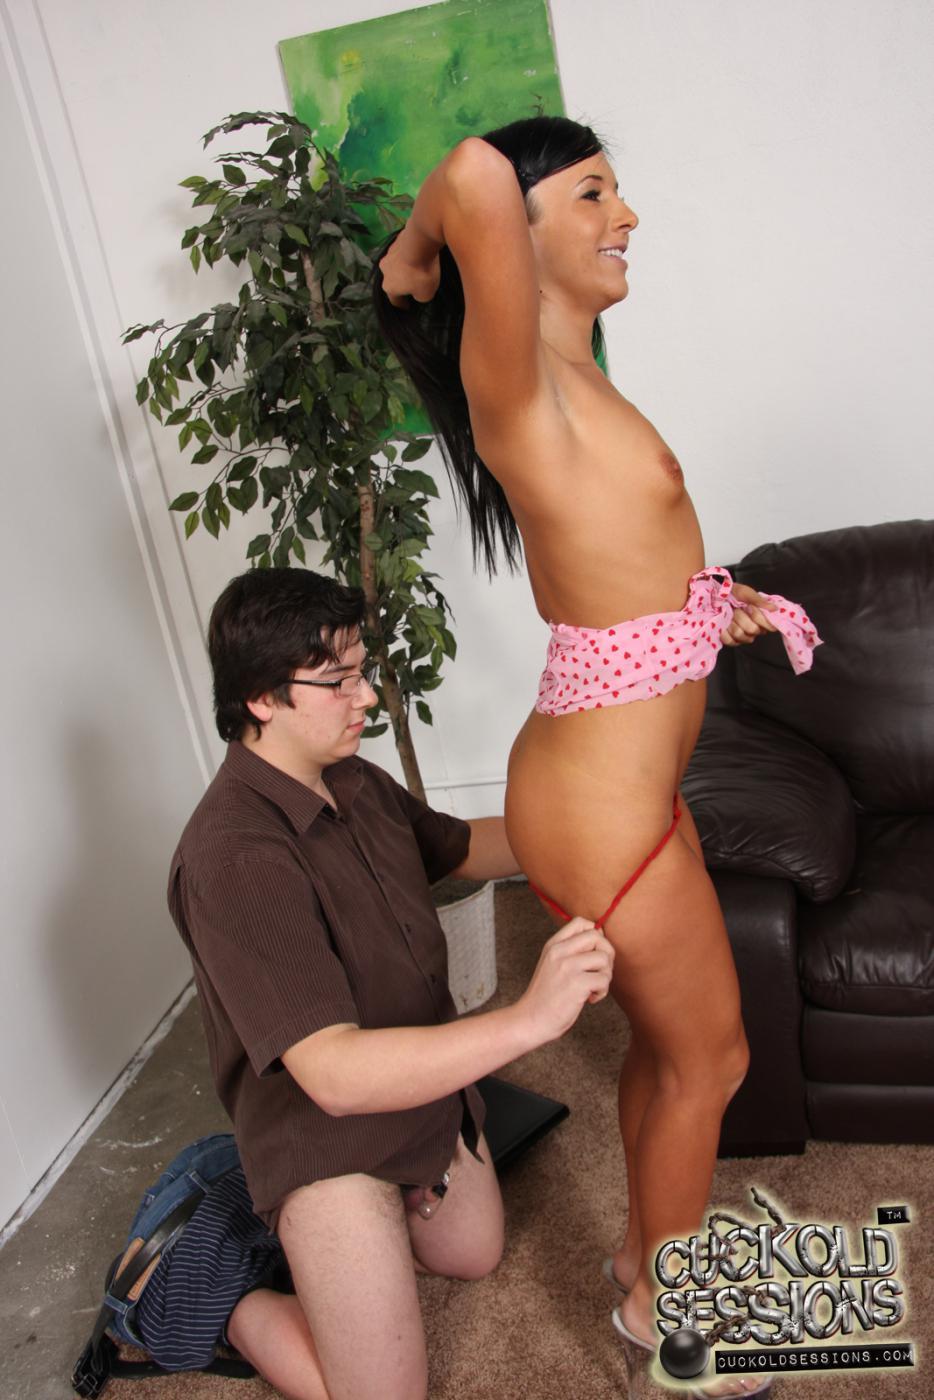 Крохотная чика Ashli Orion занимается сексом и ее поливают кончёй черные мужики на глазах у ее юношу